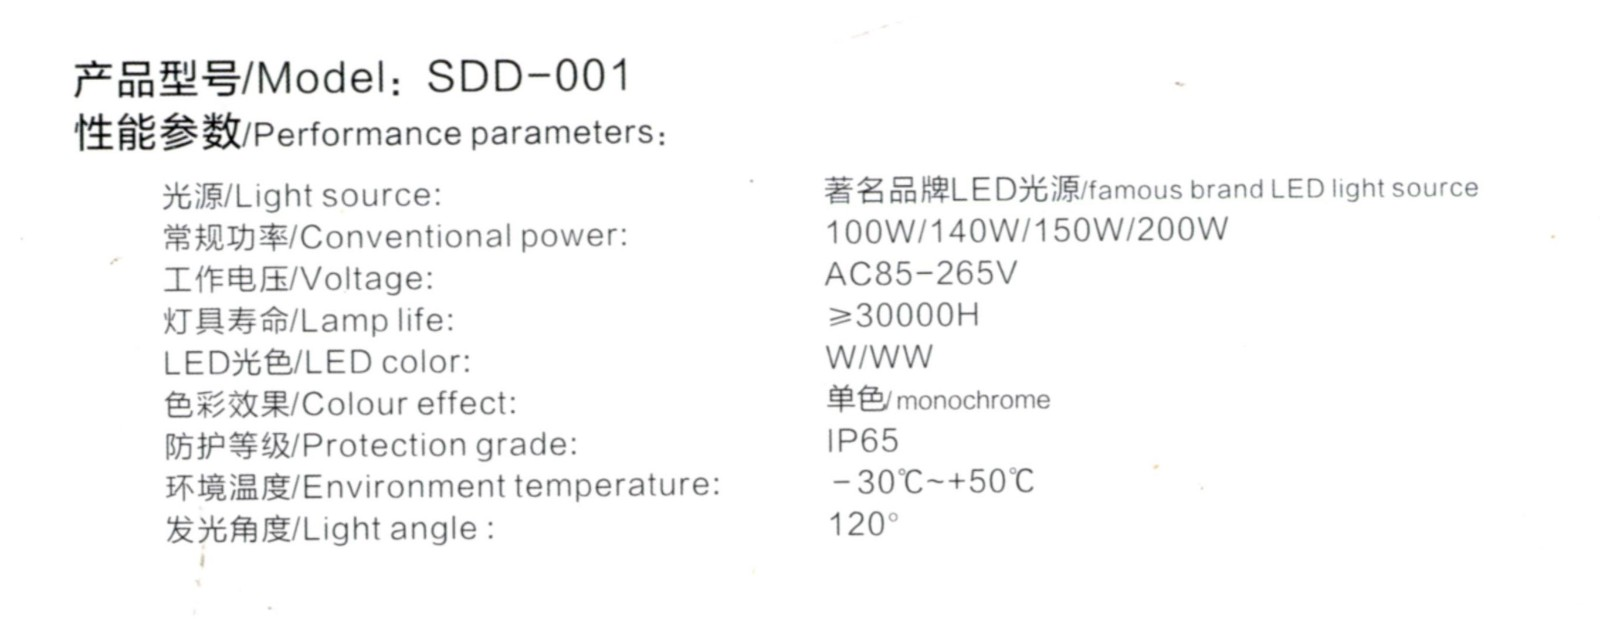 LED隧道灯Model∶SDD-001参数.jpg